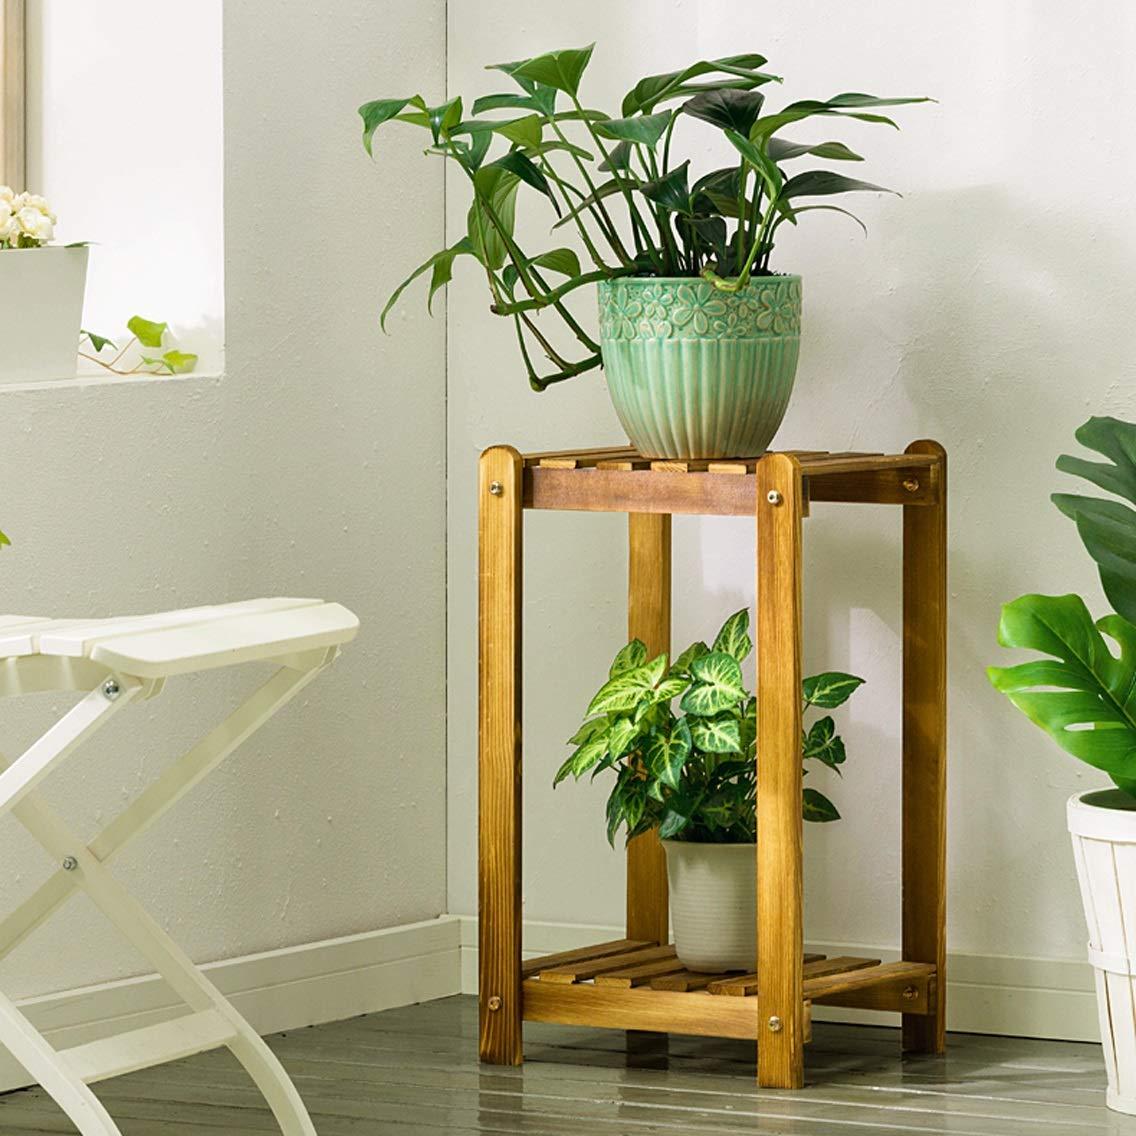 HZB Solid Wood Combination Flower Rack Floor Wooden Multi Storey Balcony Living Room Indoor Flower Pot Rack